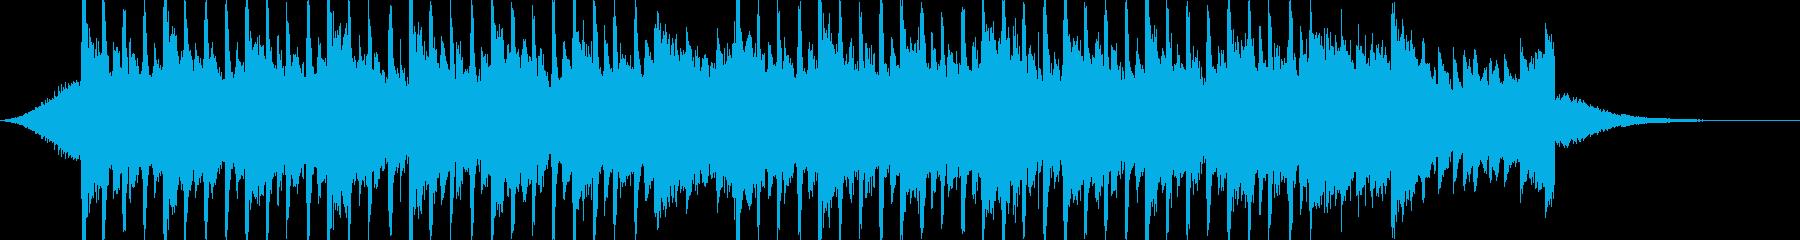 企業VP系44、爽やかギター4つ打ちcの再生済みの波形